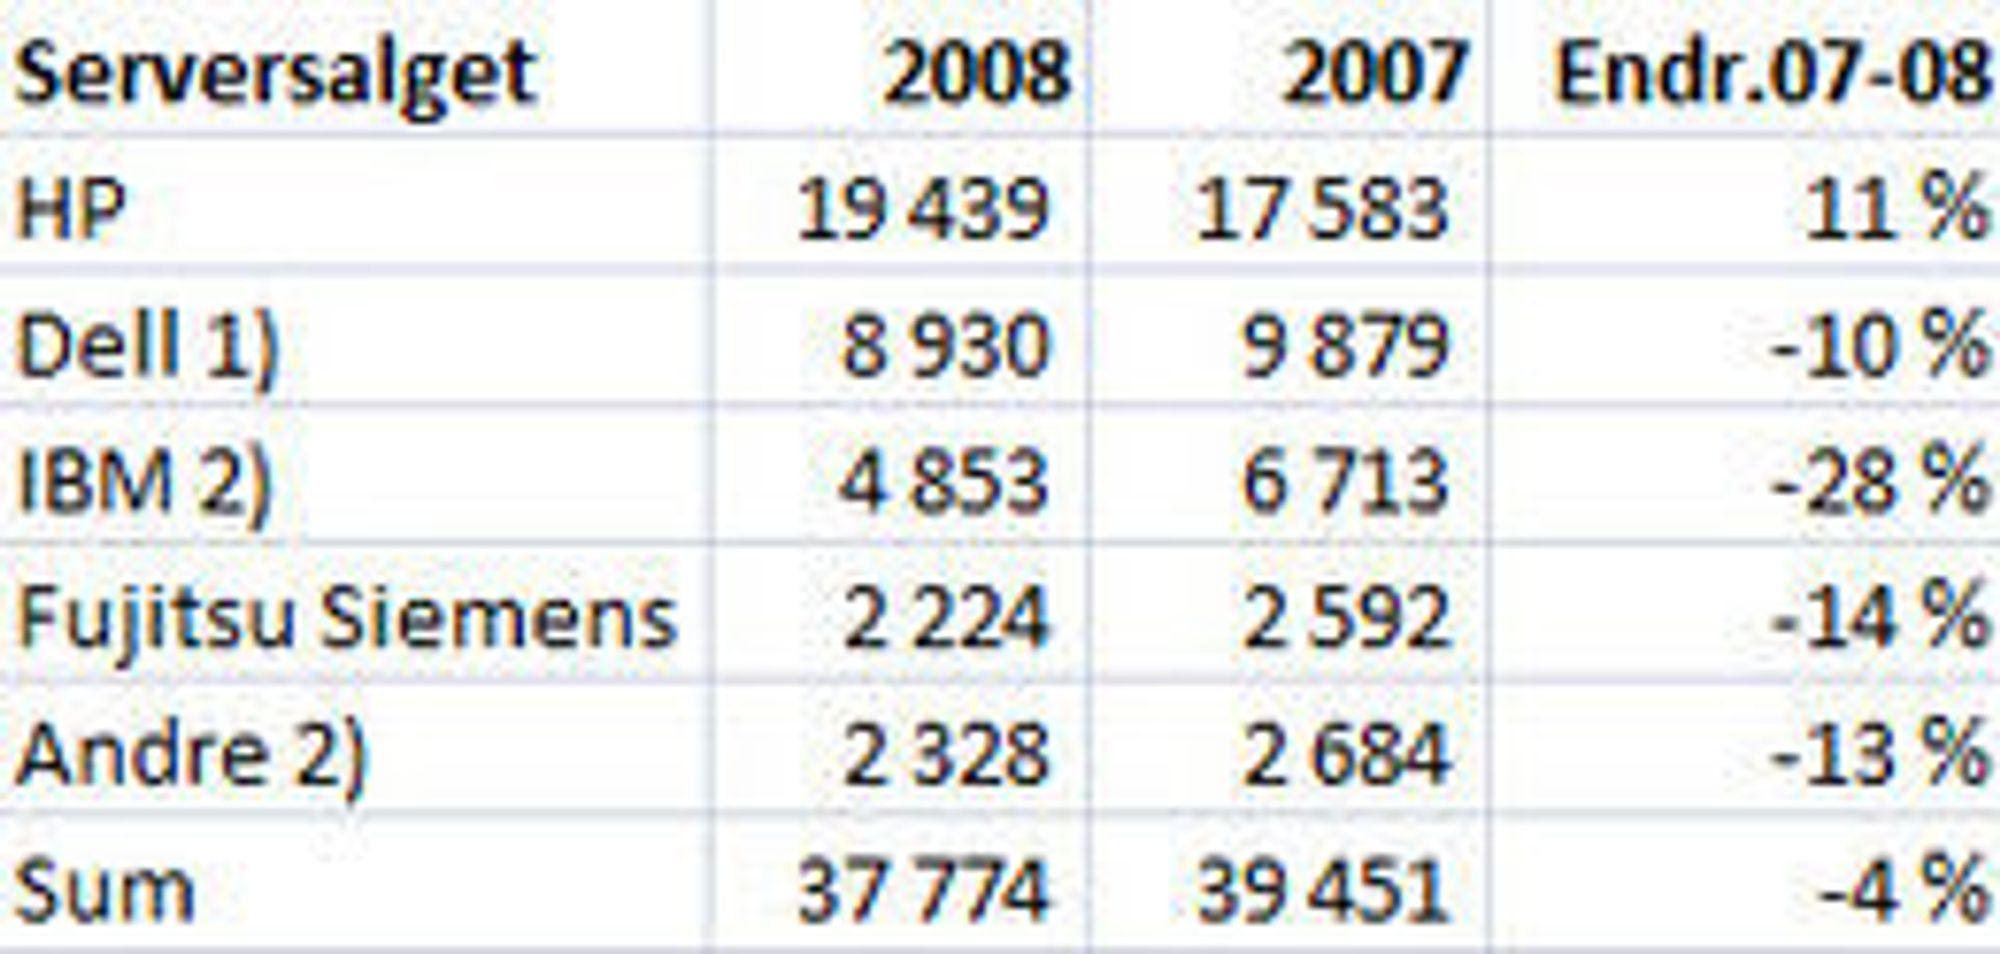 (Kilde: 1) Finansavisens estimat basert på prosentvis vekst. 2) Finansavisens estimat basert på foreløpige tall fra IDC.)